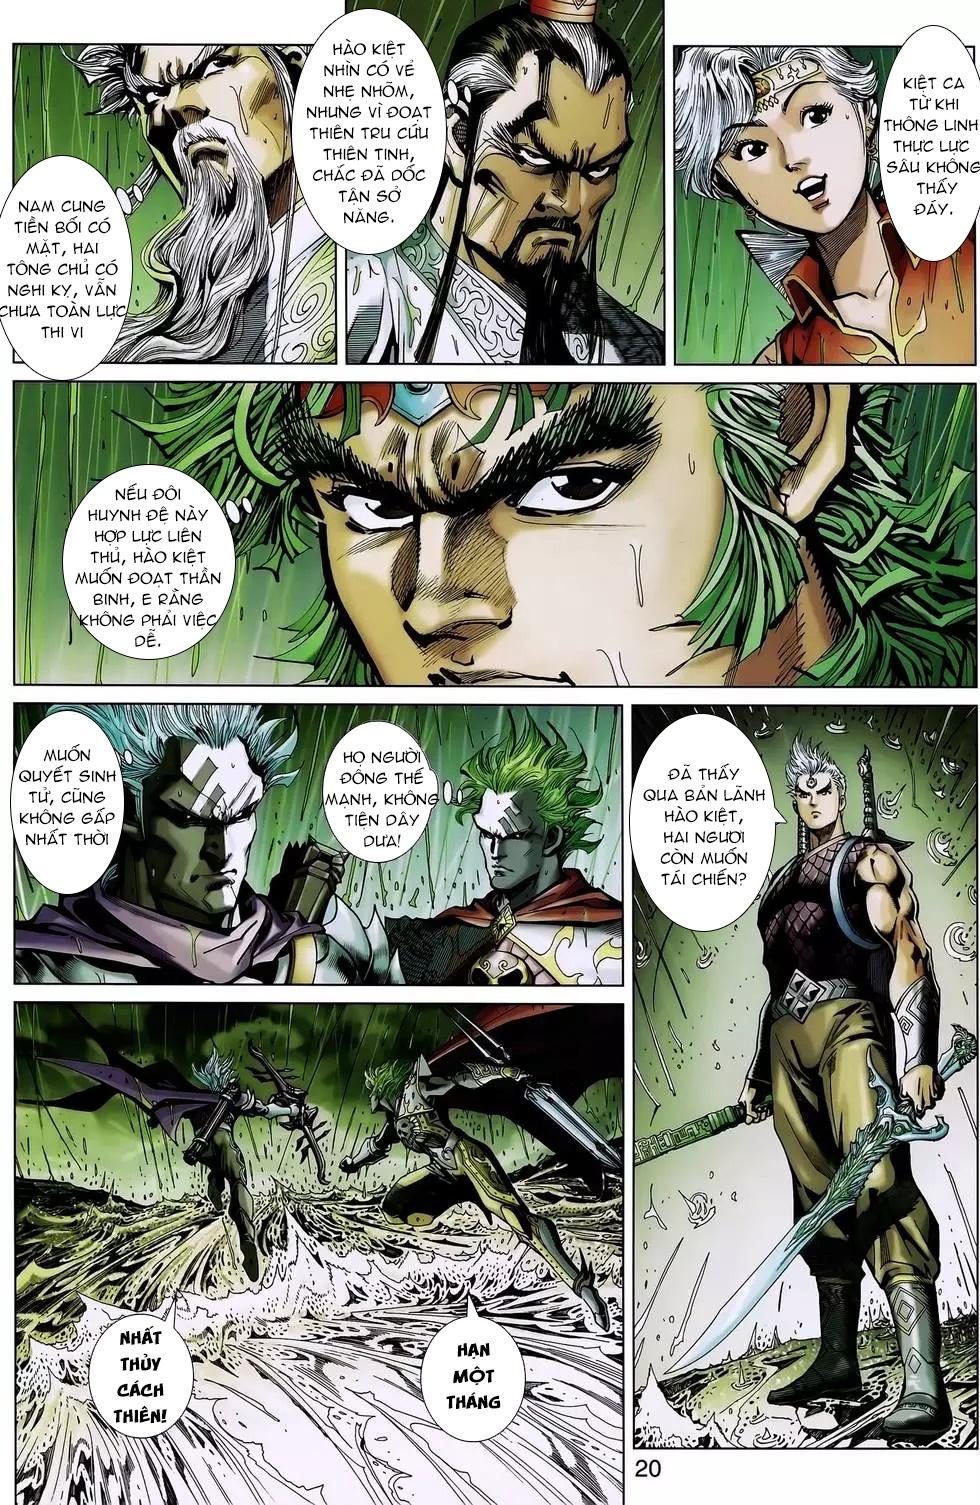 Thần binh huyền kỳ 3 - 3.5 tập 185 - 5